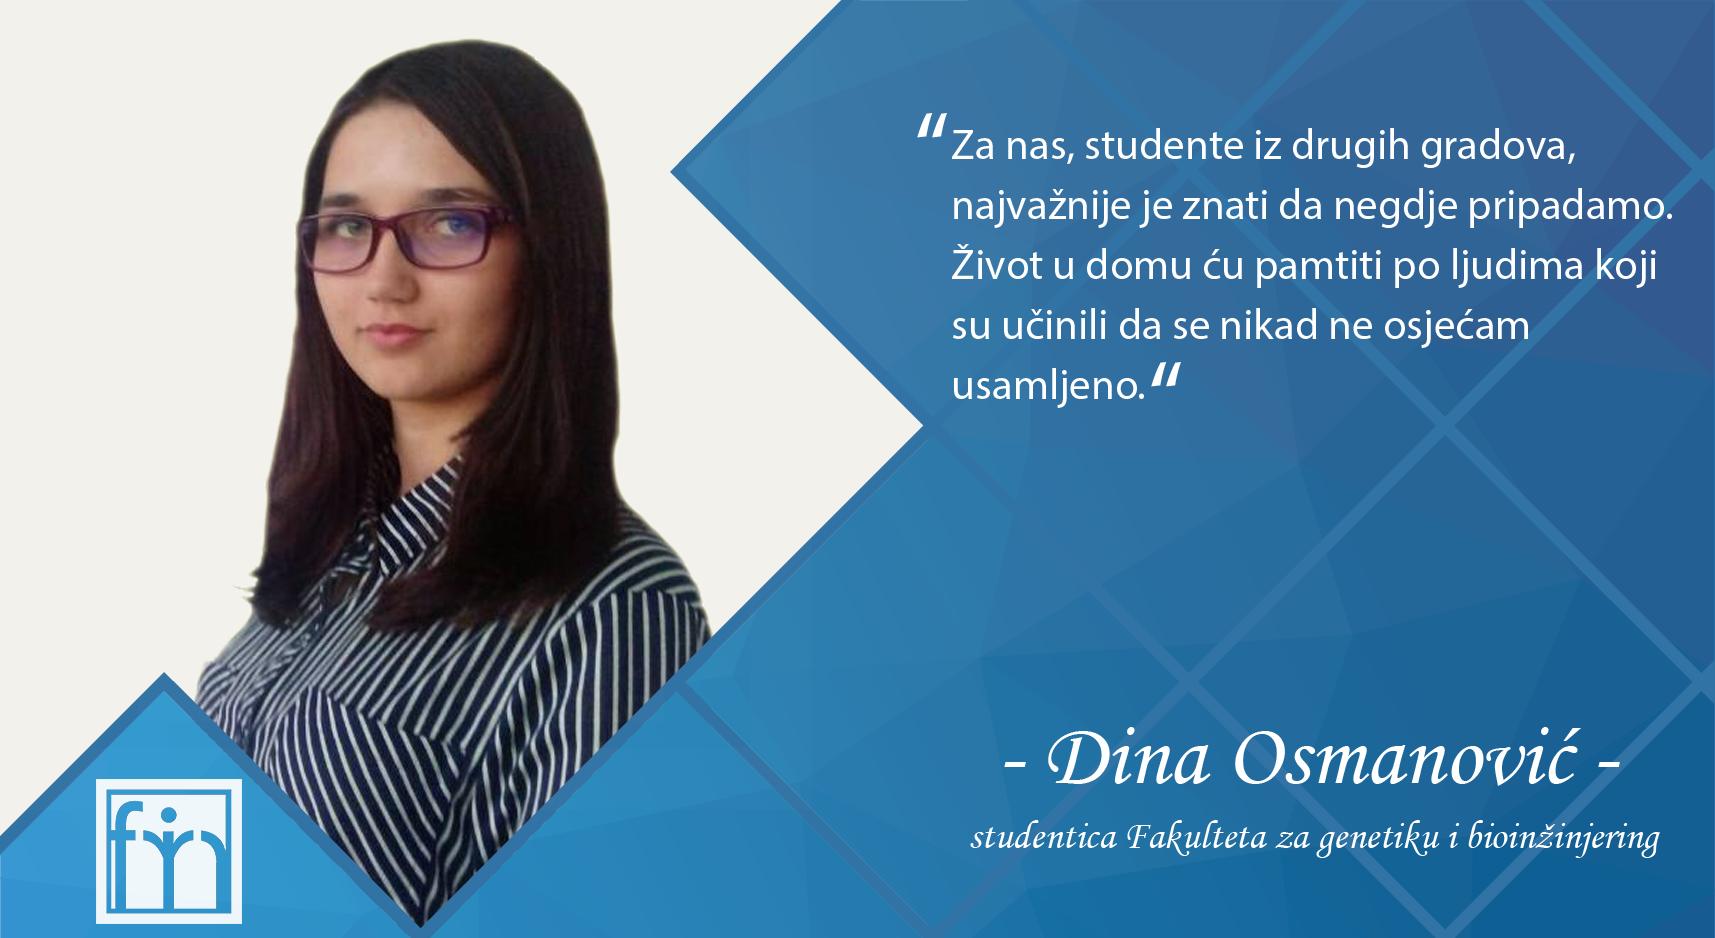 Dina_Osmanovic_Izvor_nade